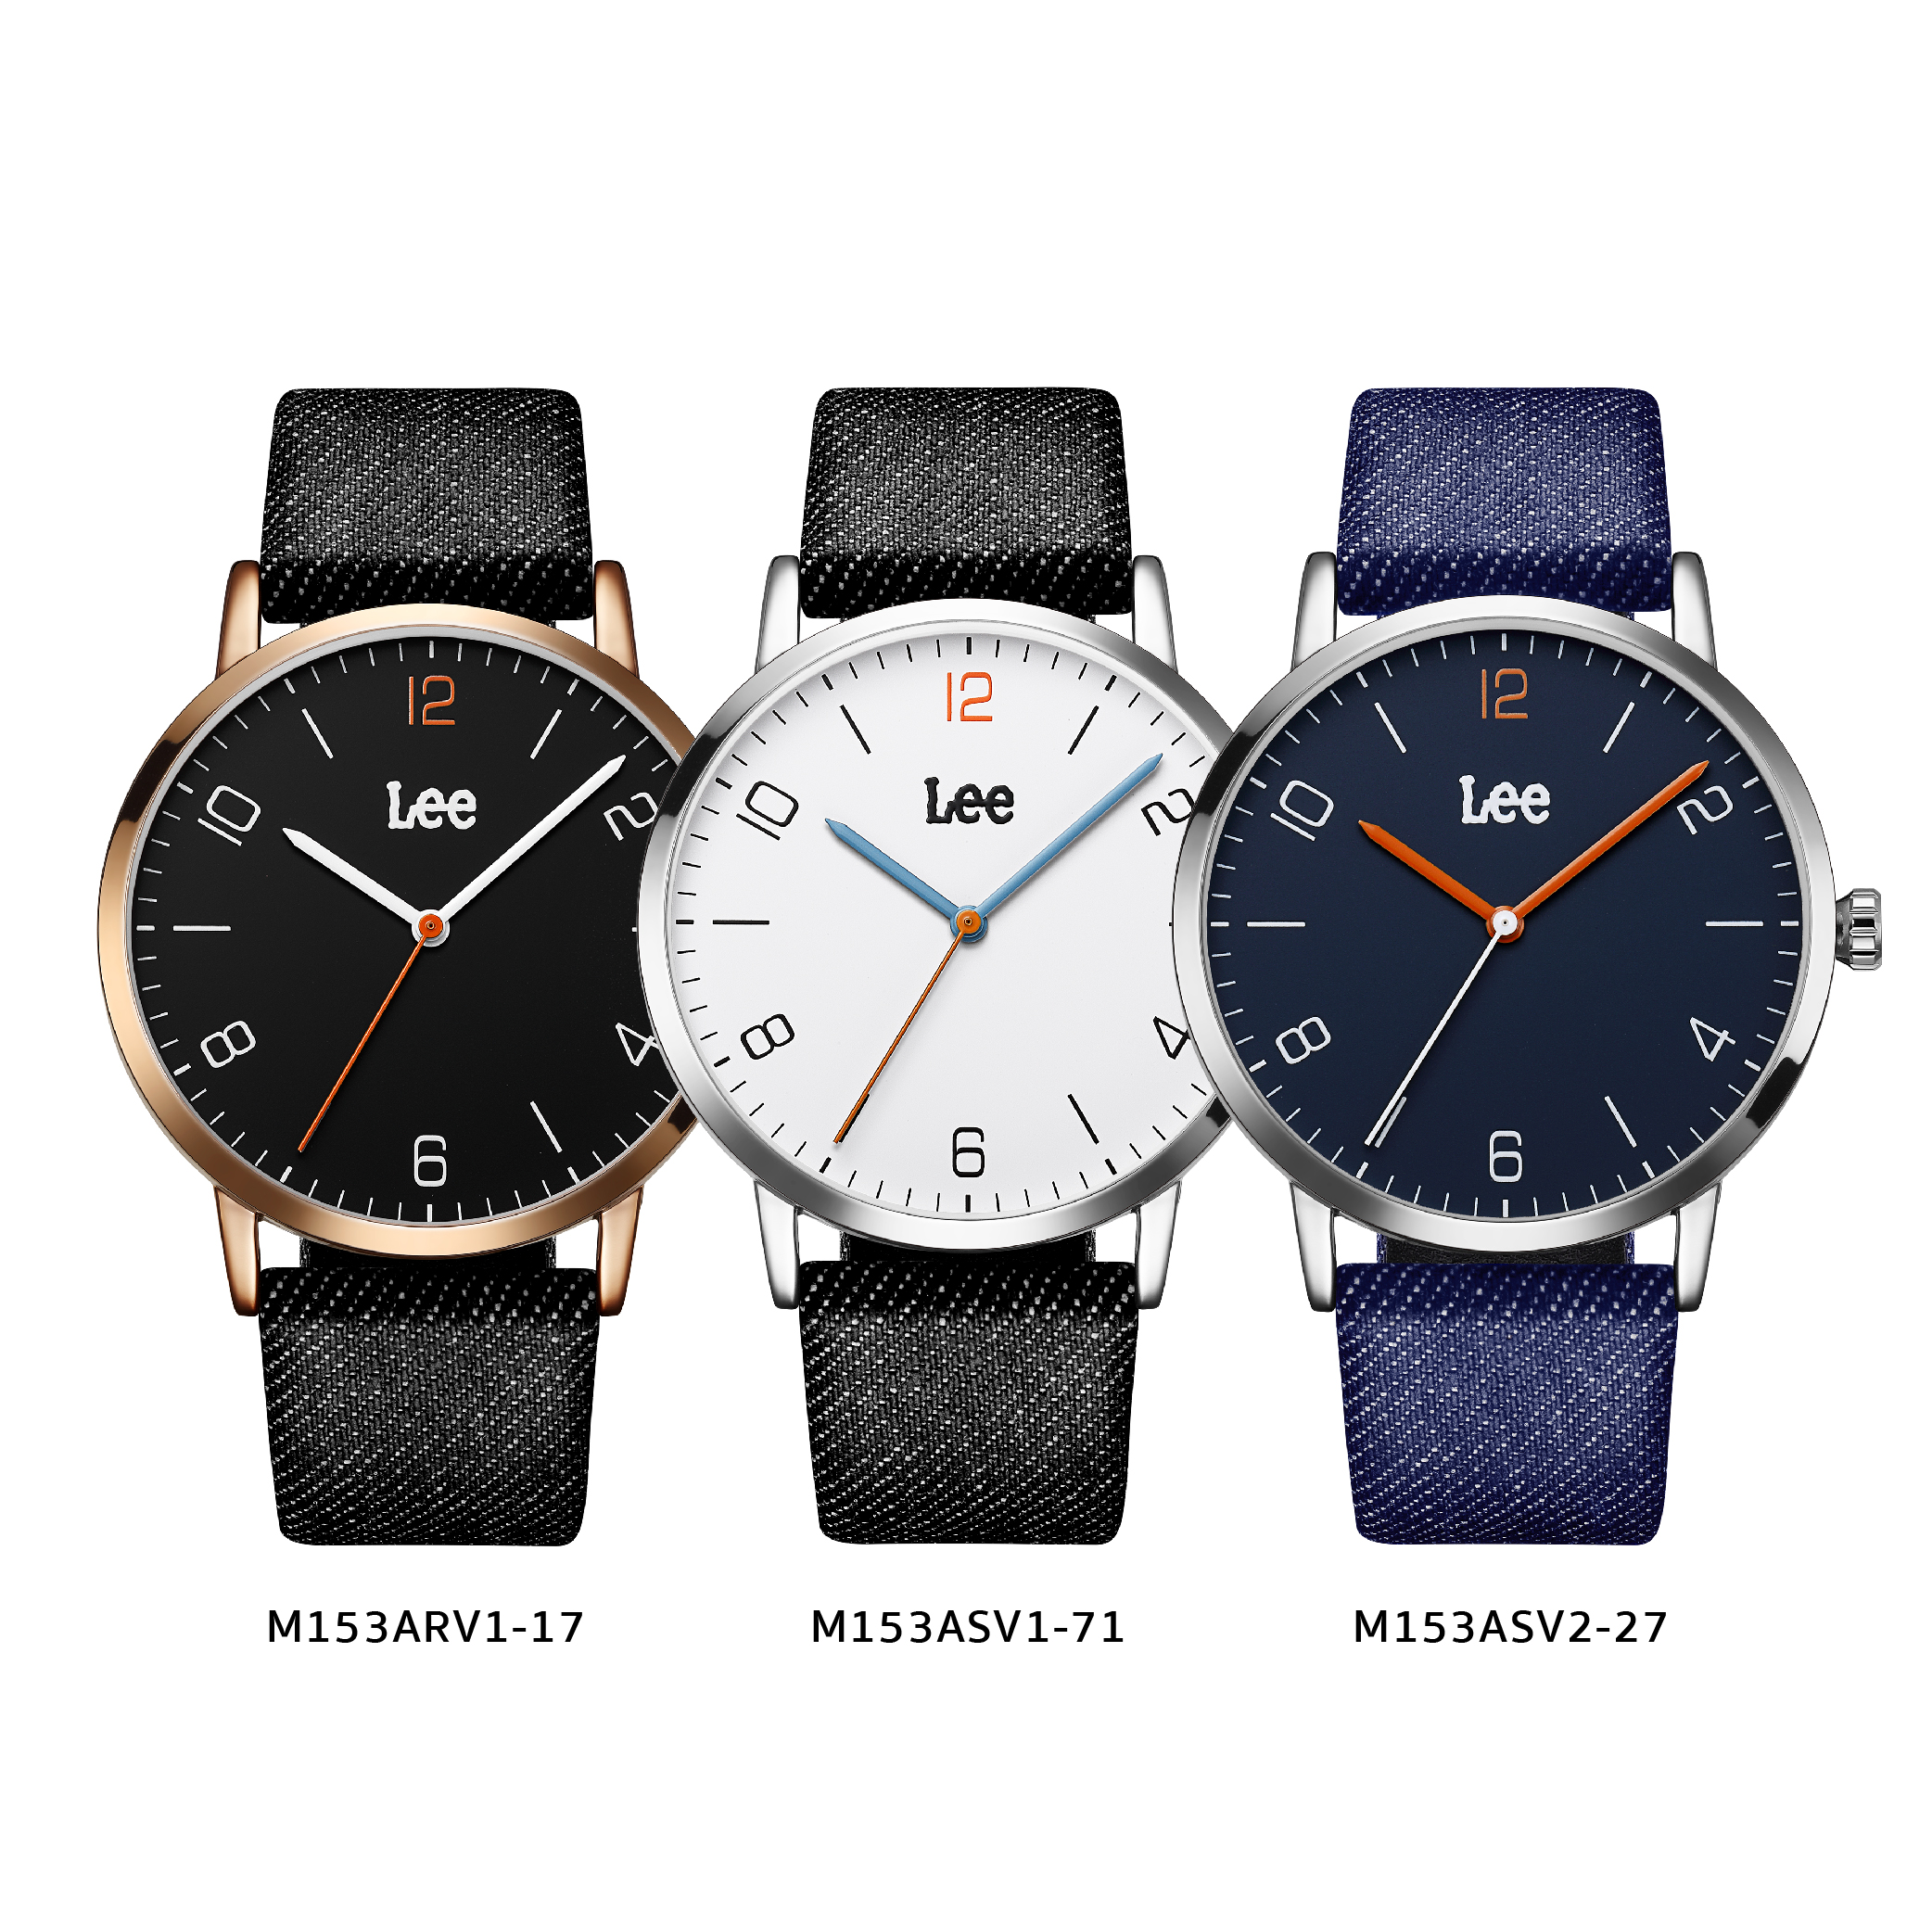 นาฬิกาข้อมือผู้ชาย LEE LEF-M153ARV1-17